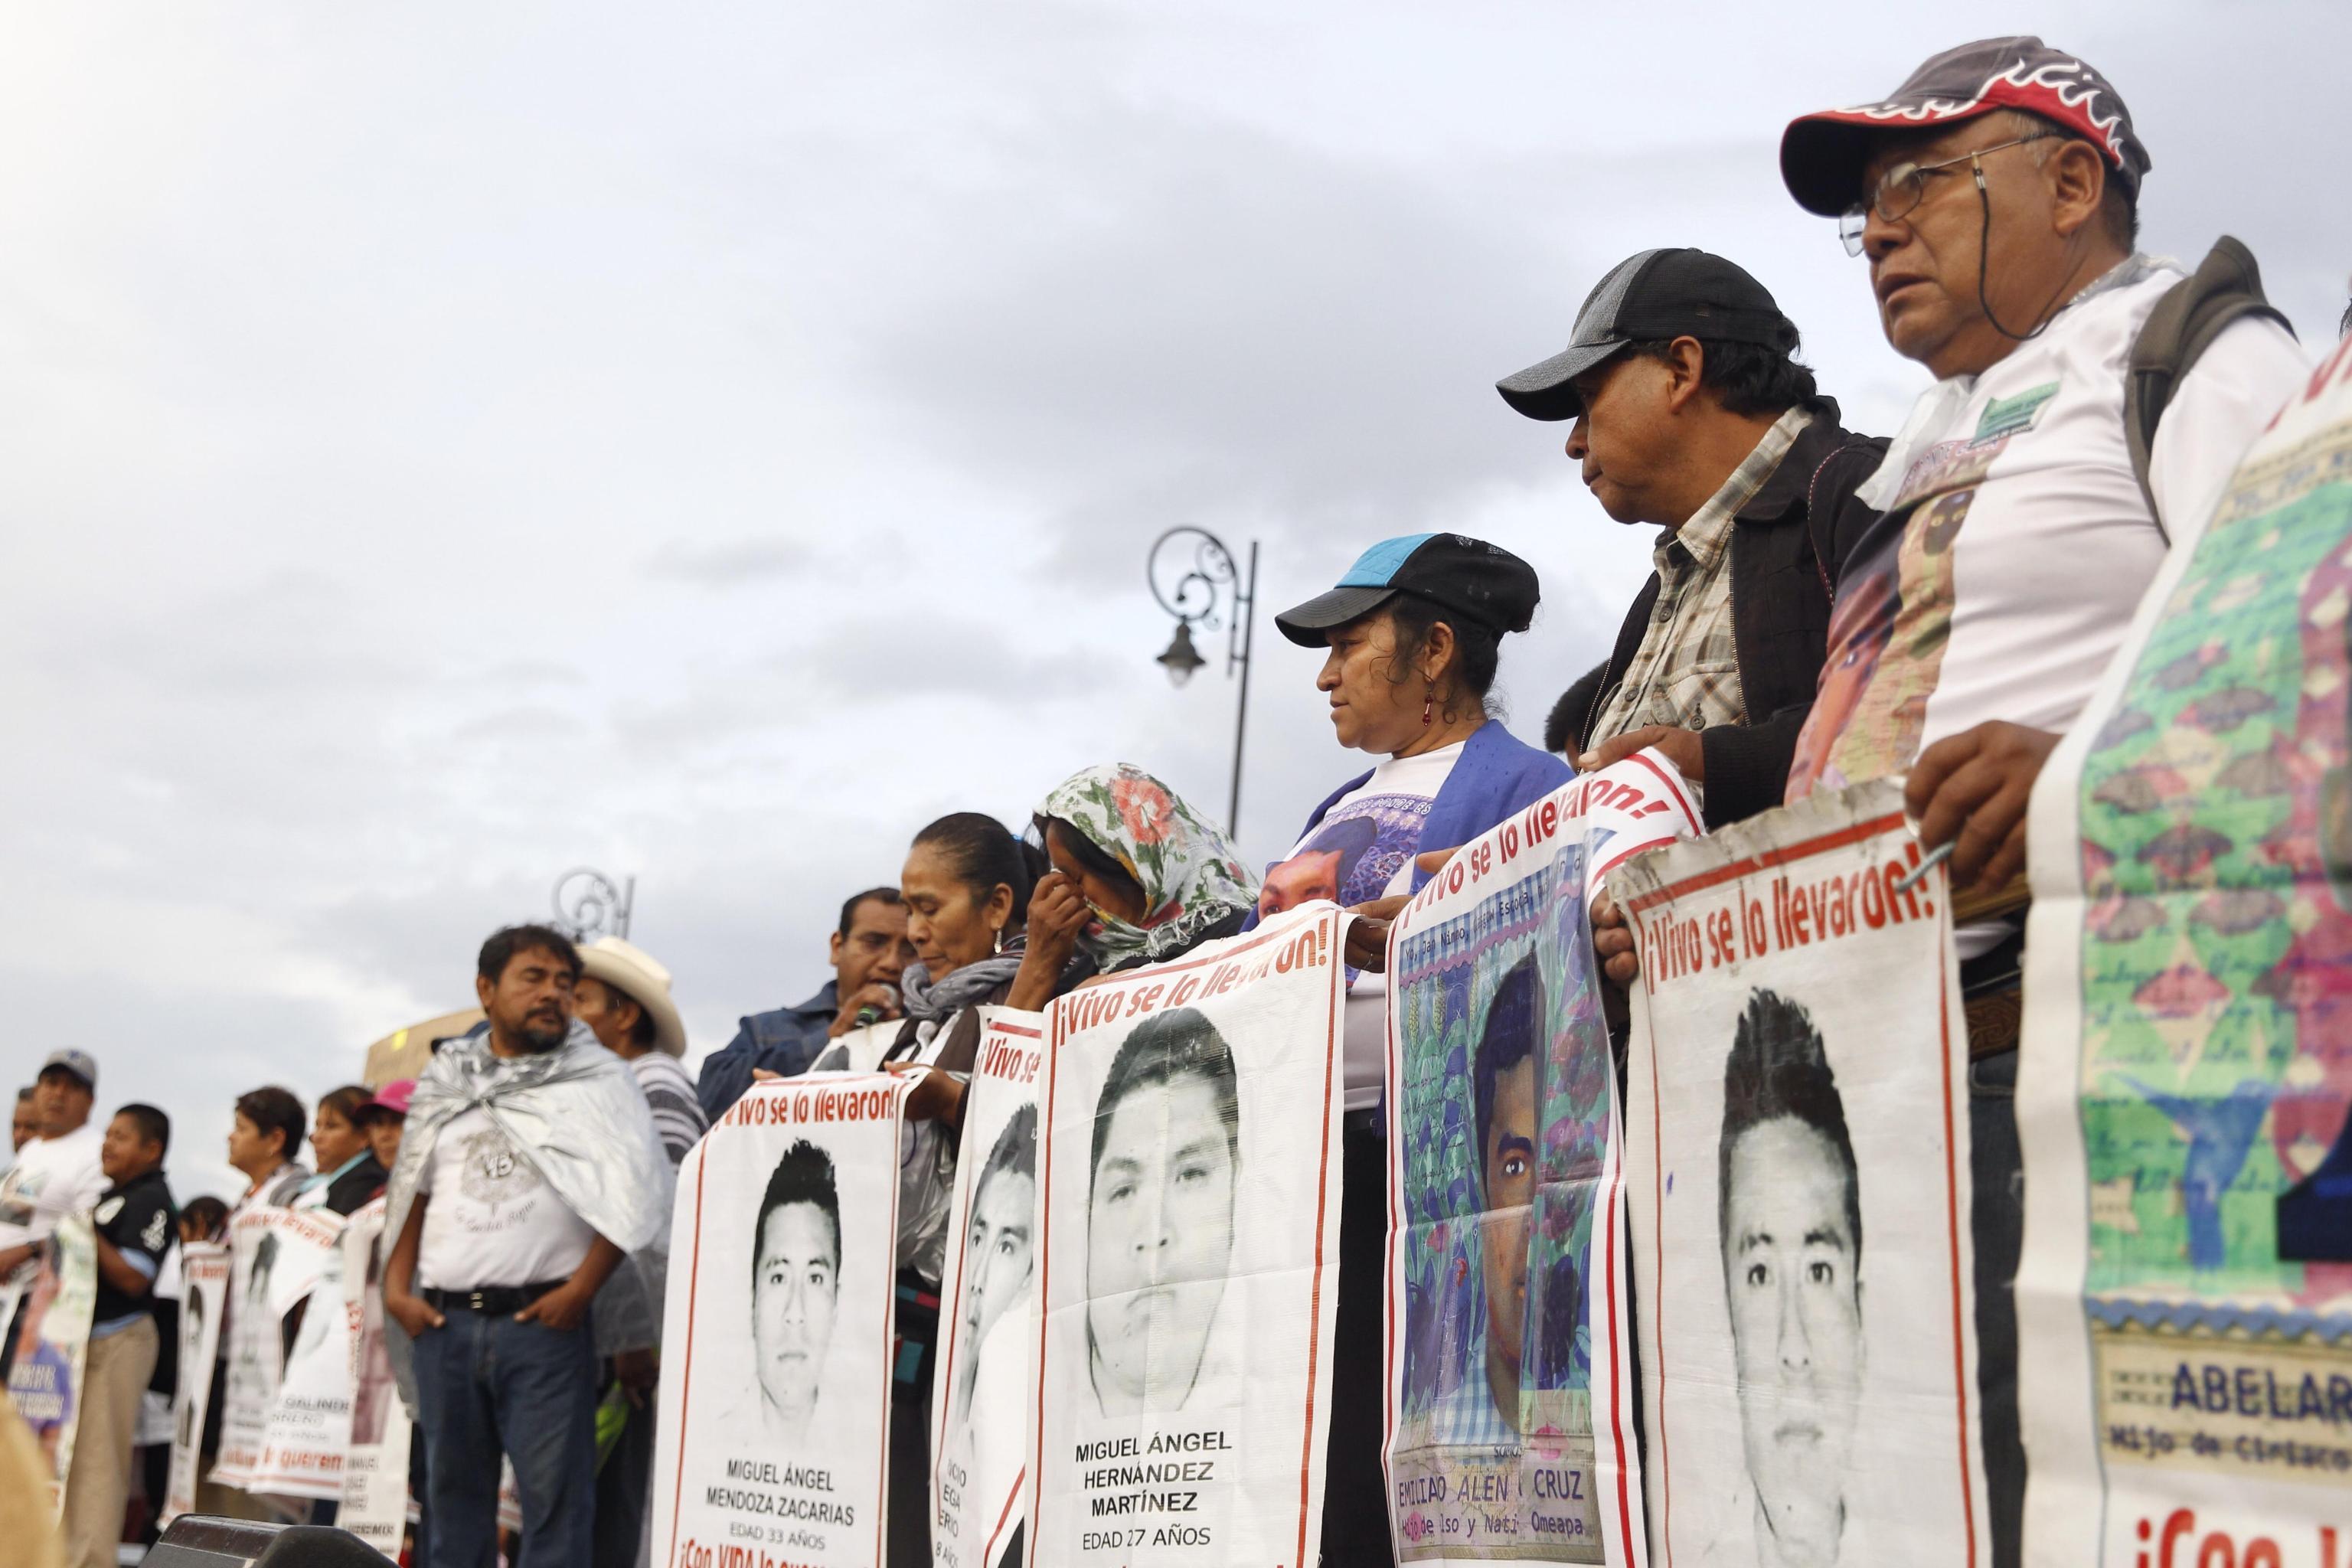 Corteo di protesta per chiedere verità sulla scomparsa dei ragazzi